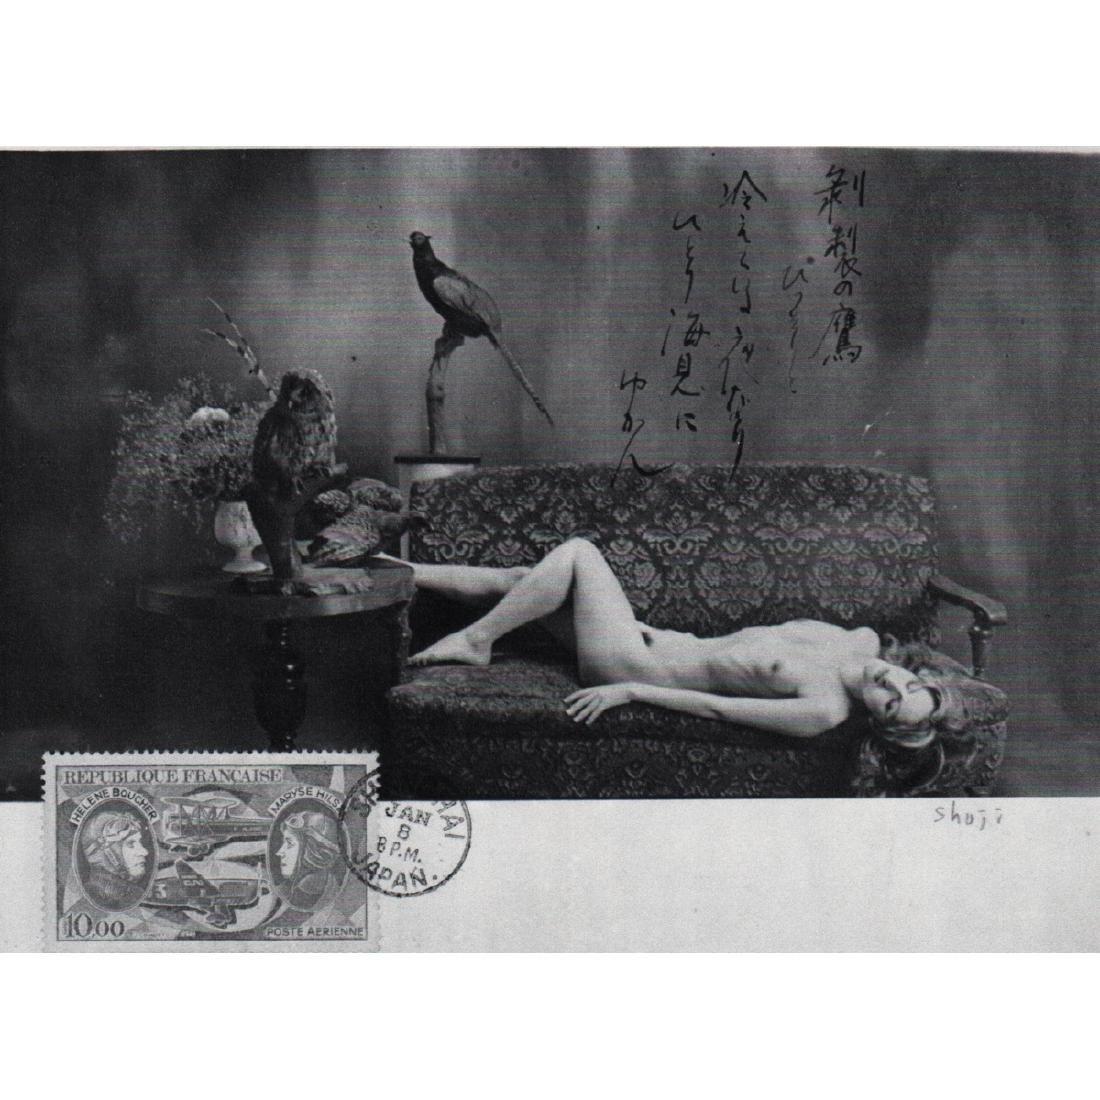 SHUJI TERAYAMA - Postcard from Shanghai - 1